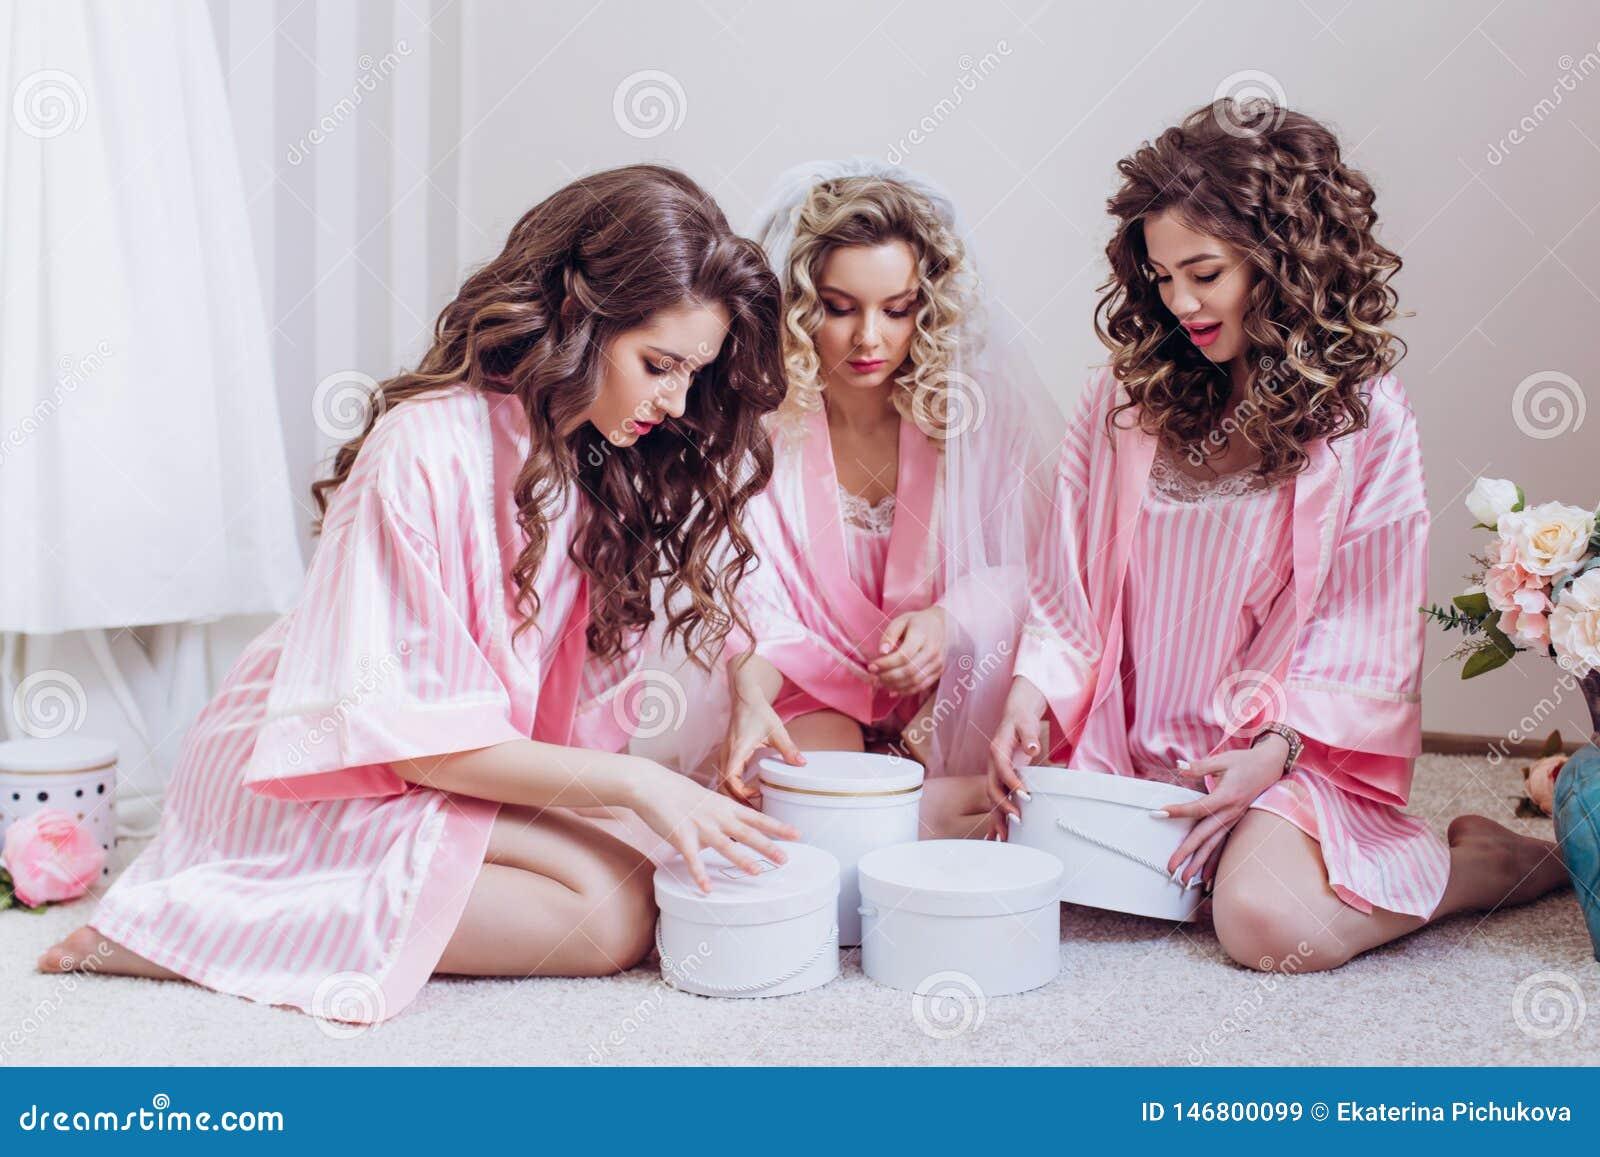 Κότα-κόμμα Τρία κορίτσια γιορτάζουν ένα κόμμα ή γενέθλια αγάμων, που δίνει σε μεταξύ τους τα δώρα στις ρόδινες εσθήτες επιδέσμου